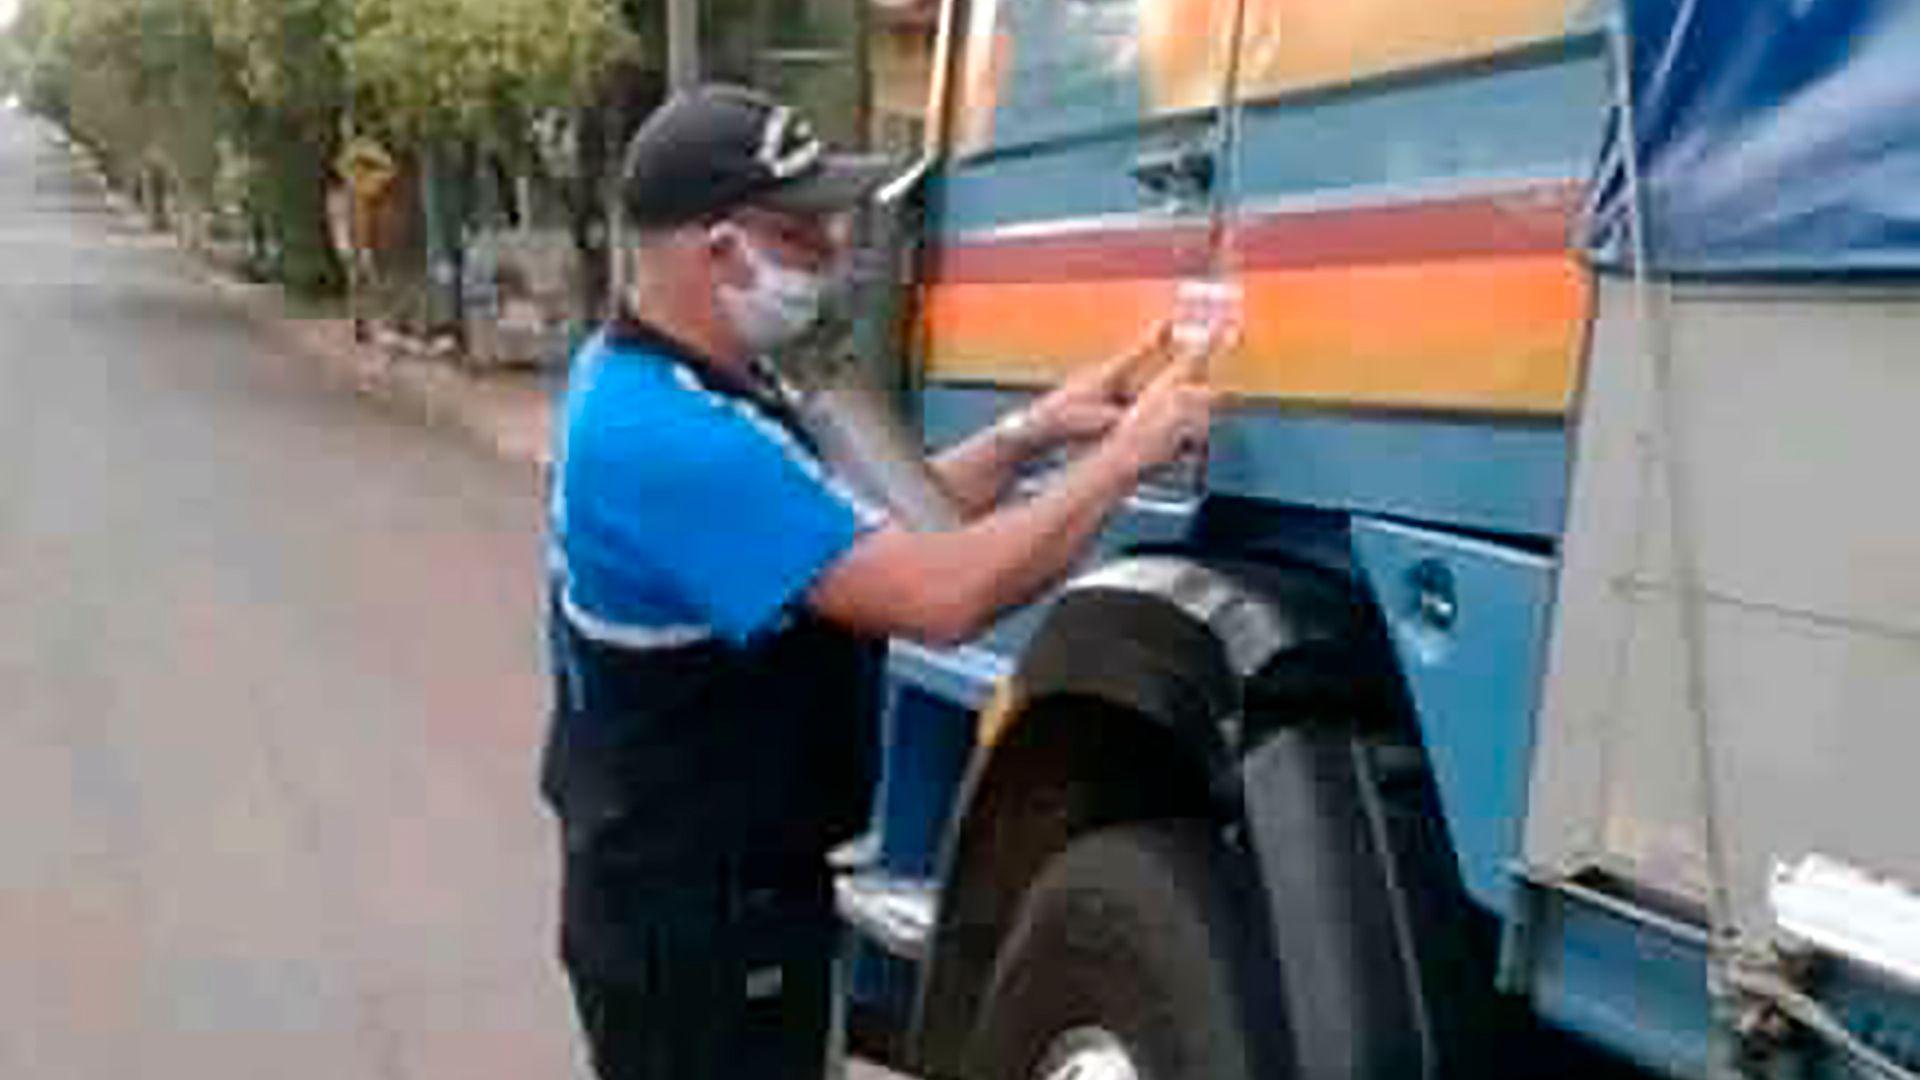 Transportistas de cargas denunciaron que se puso en marcha un método de fajas en la puerta de los camiones para encerrar a los choferes en las cabinas de los vehículos (Foto: FADEEAC)